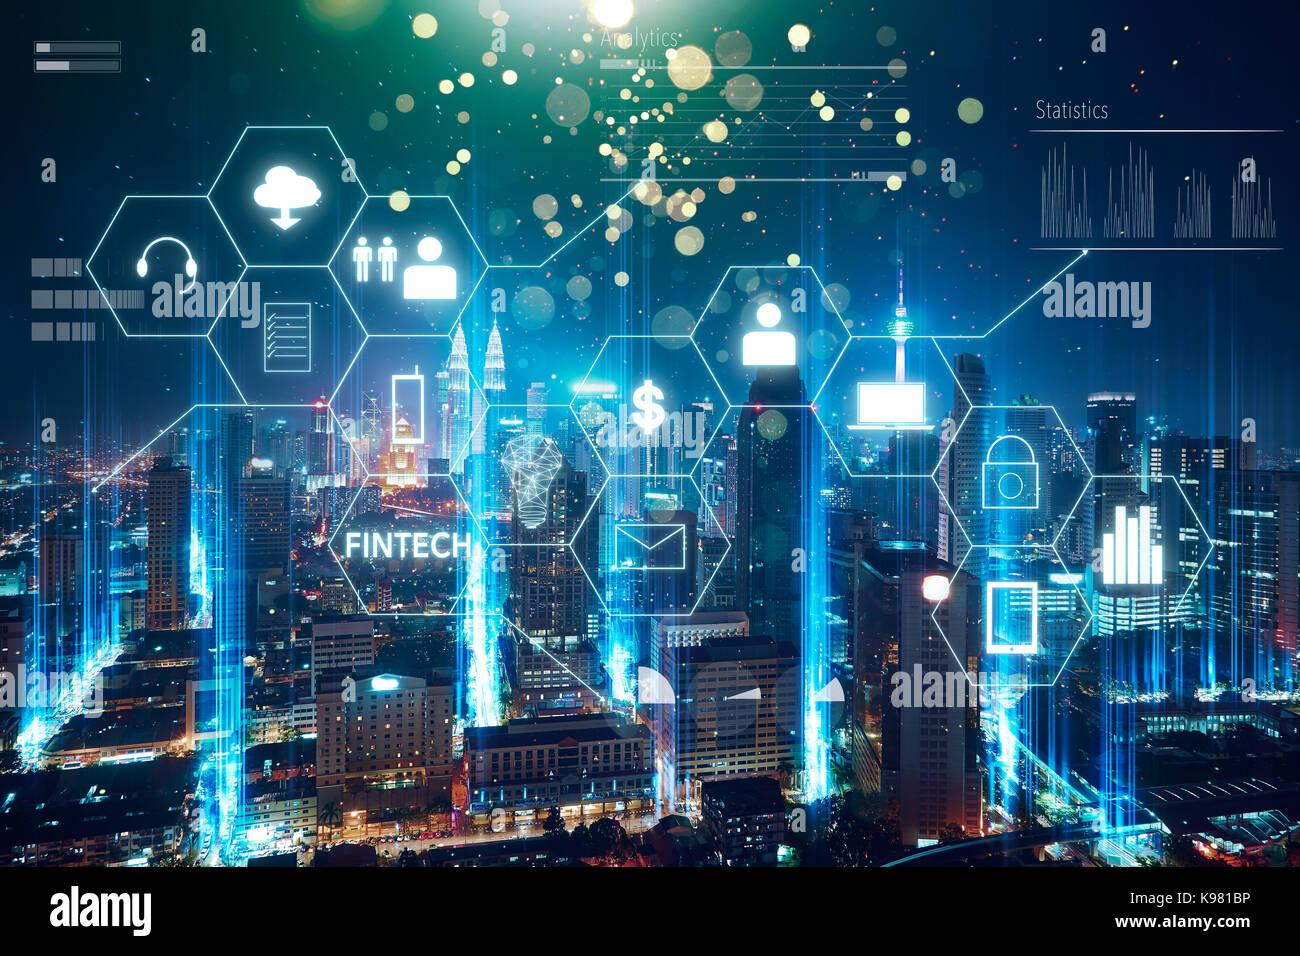 """""""Fintech' parola digitale su schermo virtuale con città futuristica skyline. hi-tech la concezione Immagini Stock"""